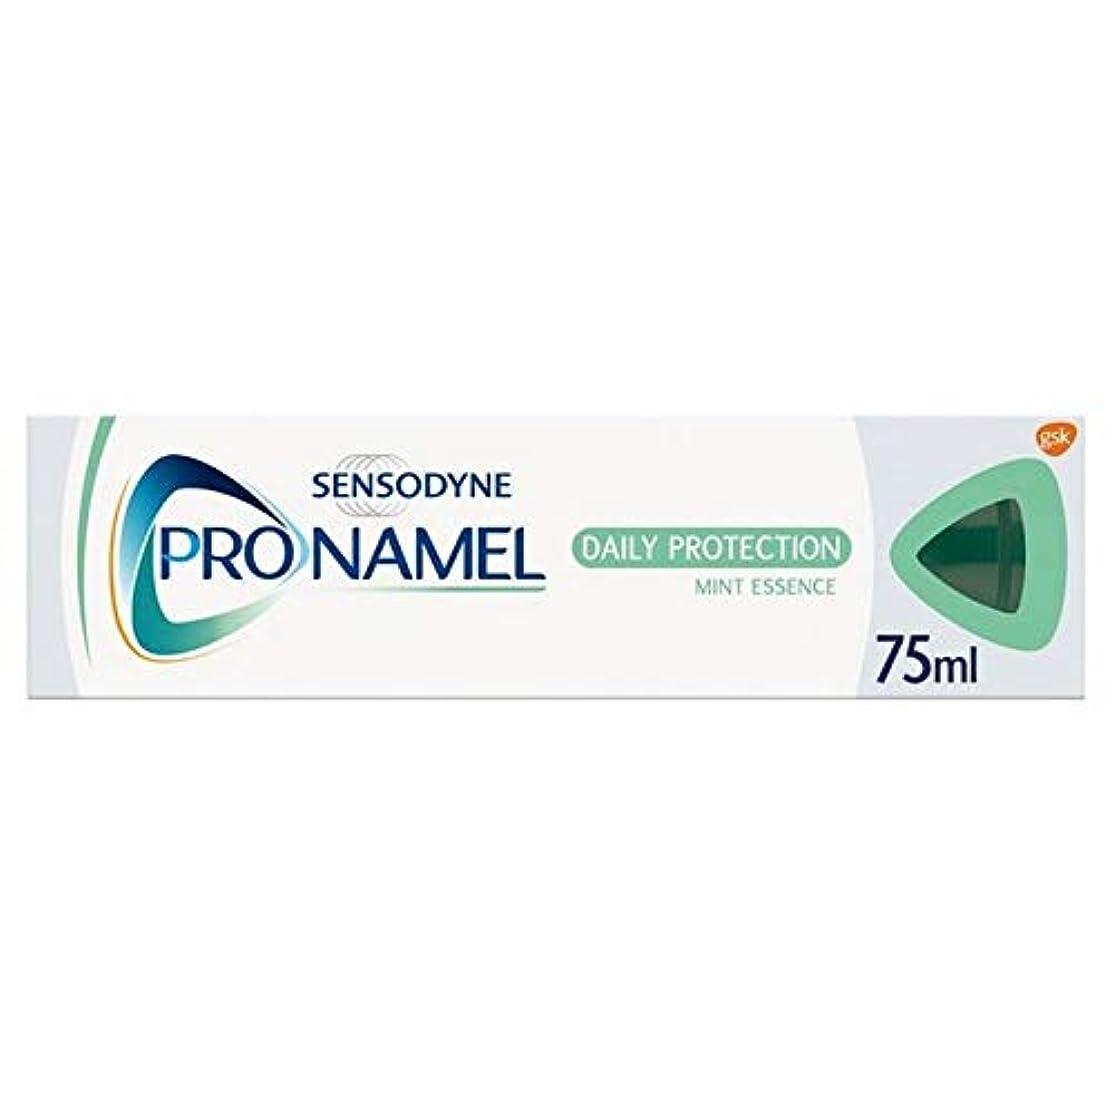 飢えた必需品修道院[Sensodyne] SensodyneのPronamel毎日保護エナメルケア歯磨き粉75ミリリットル - Sensodyne Pronamel Daily Protection Enamel Care Toothpaste...